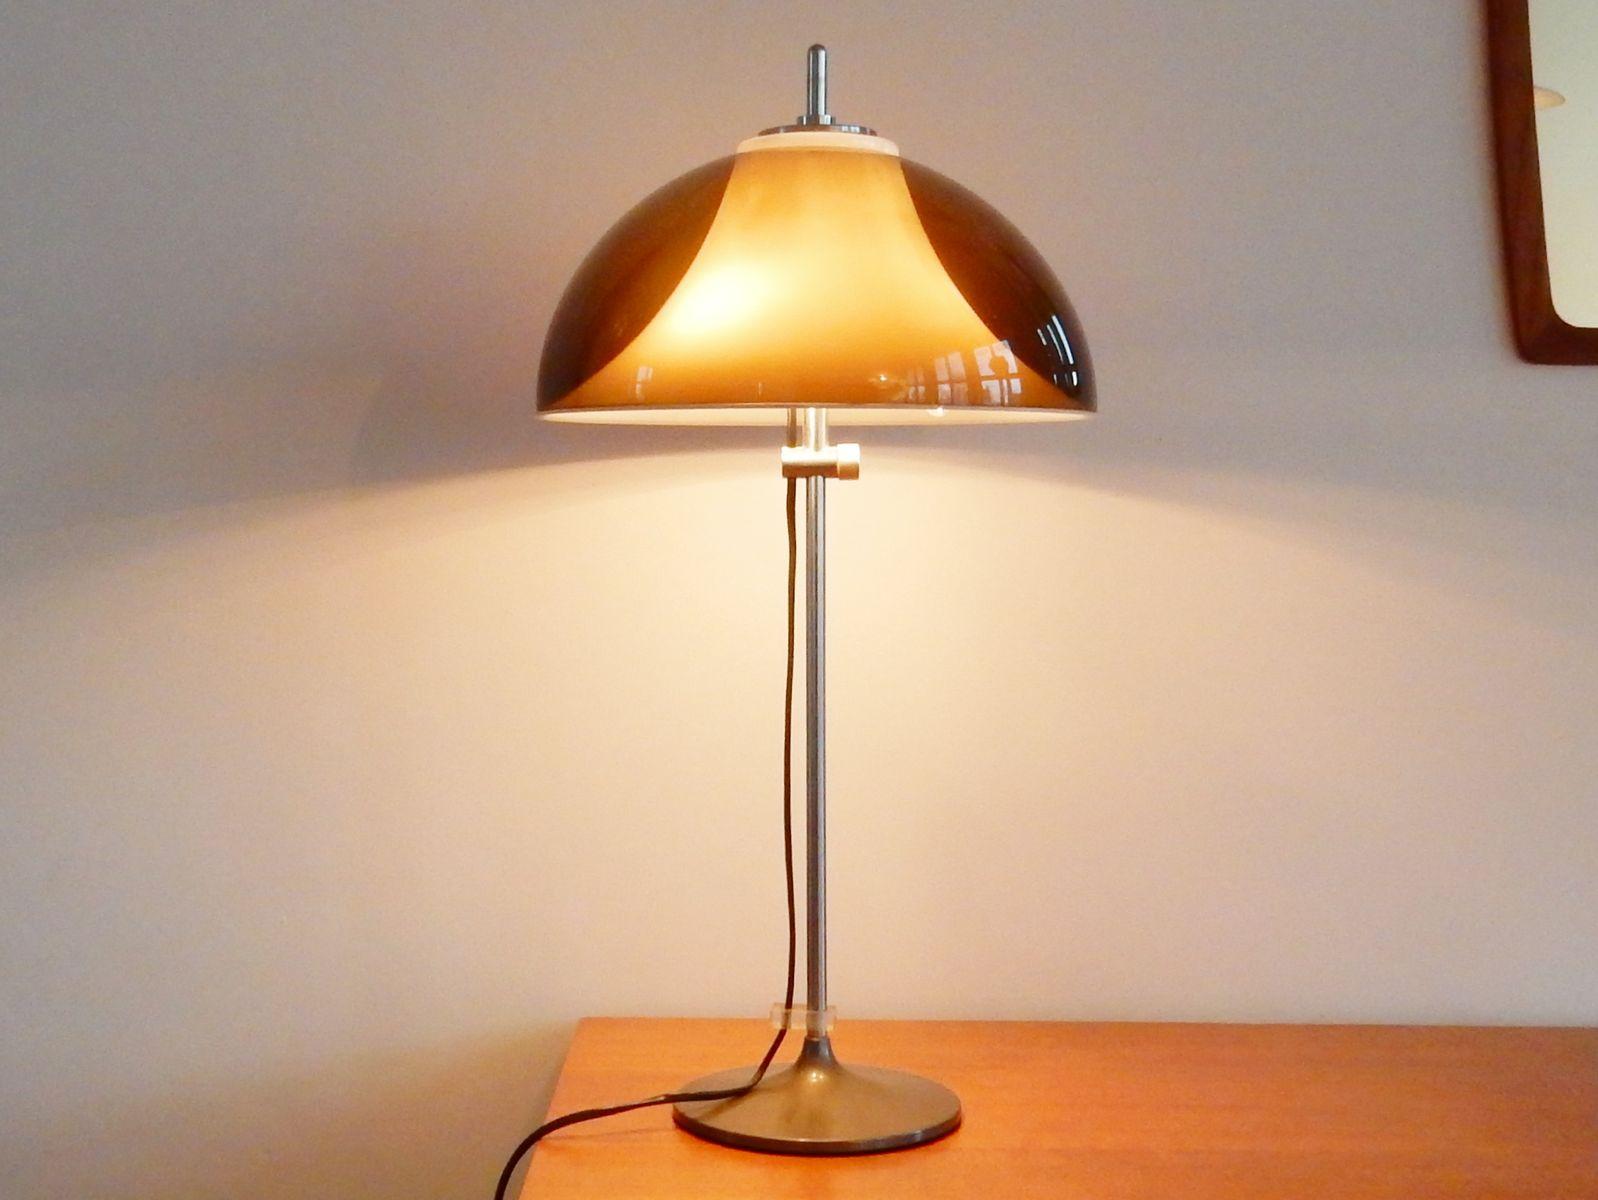 Vintage Schreibtischlampe oder Tischlampe mit Verstellbarer Perspex Le...